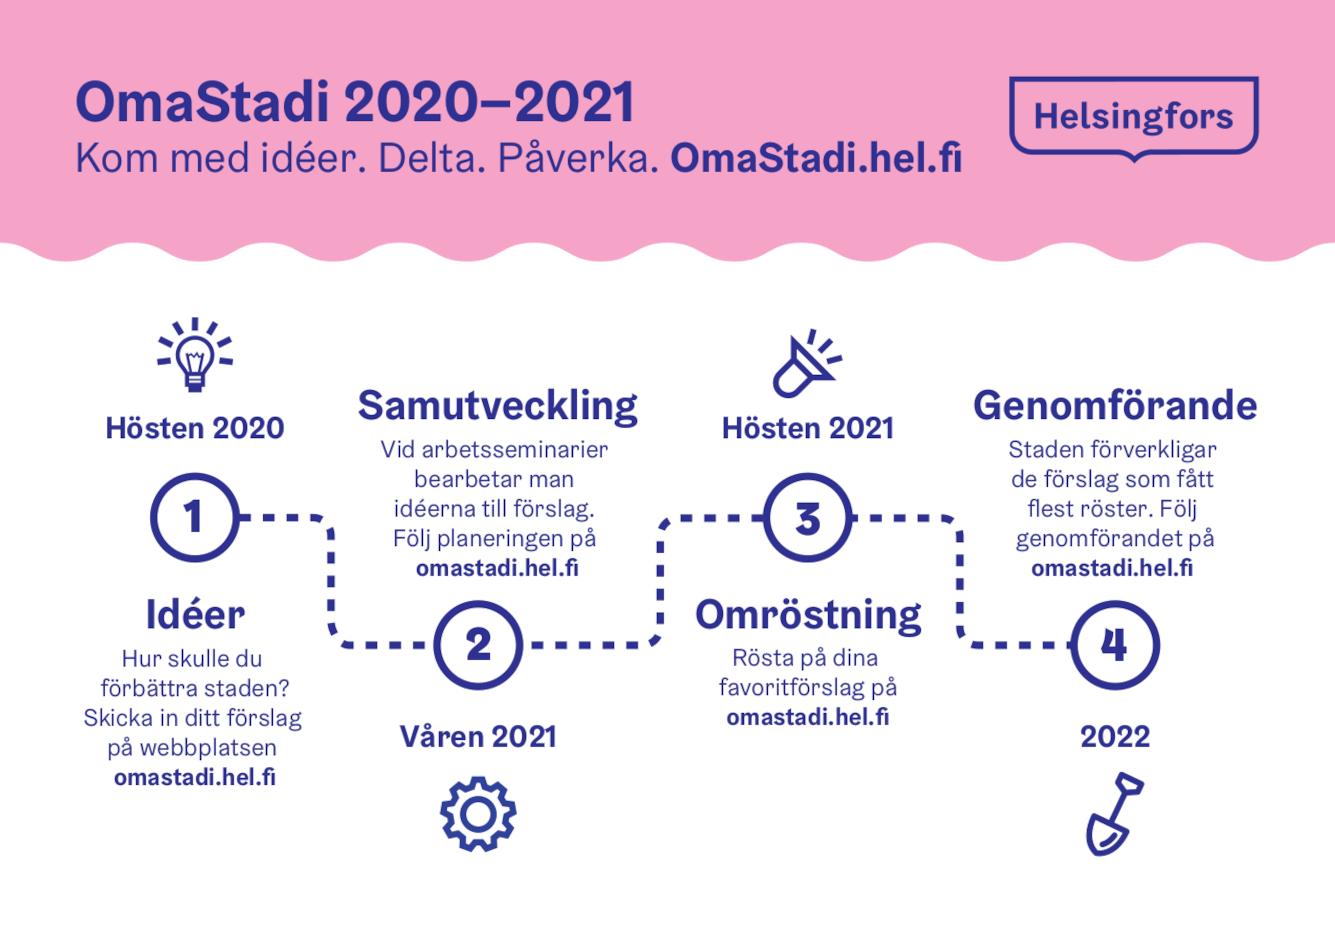 OmaStadi Processdiagram 2020